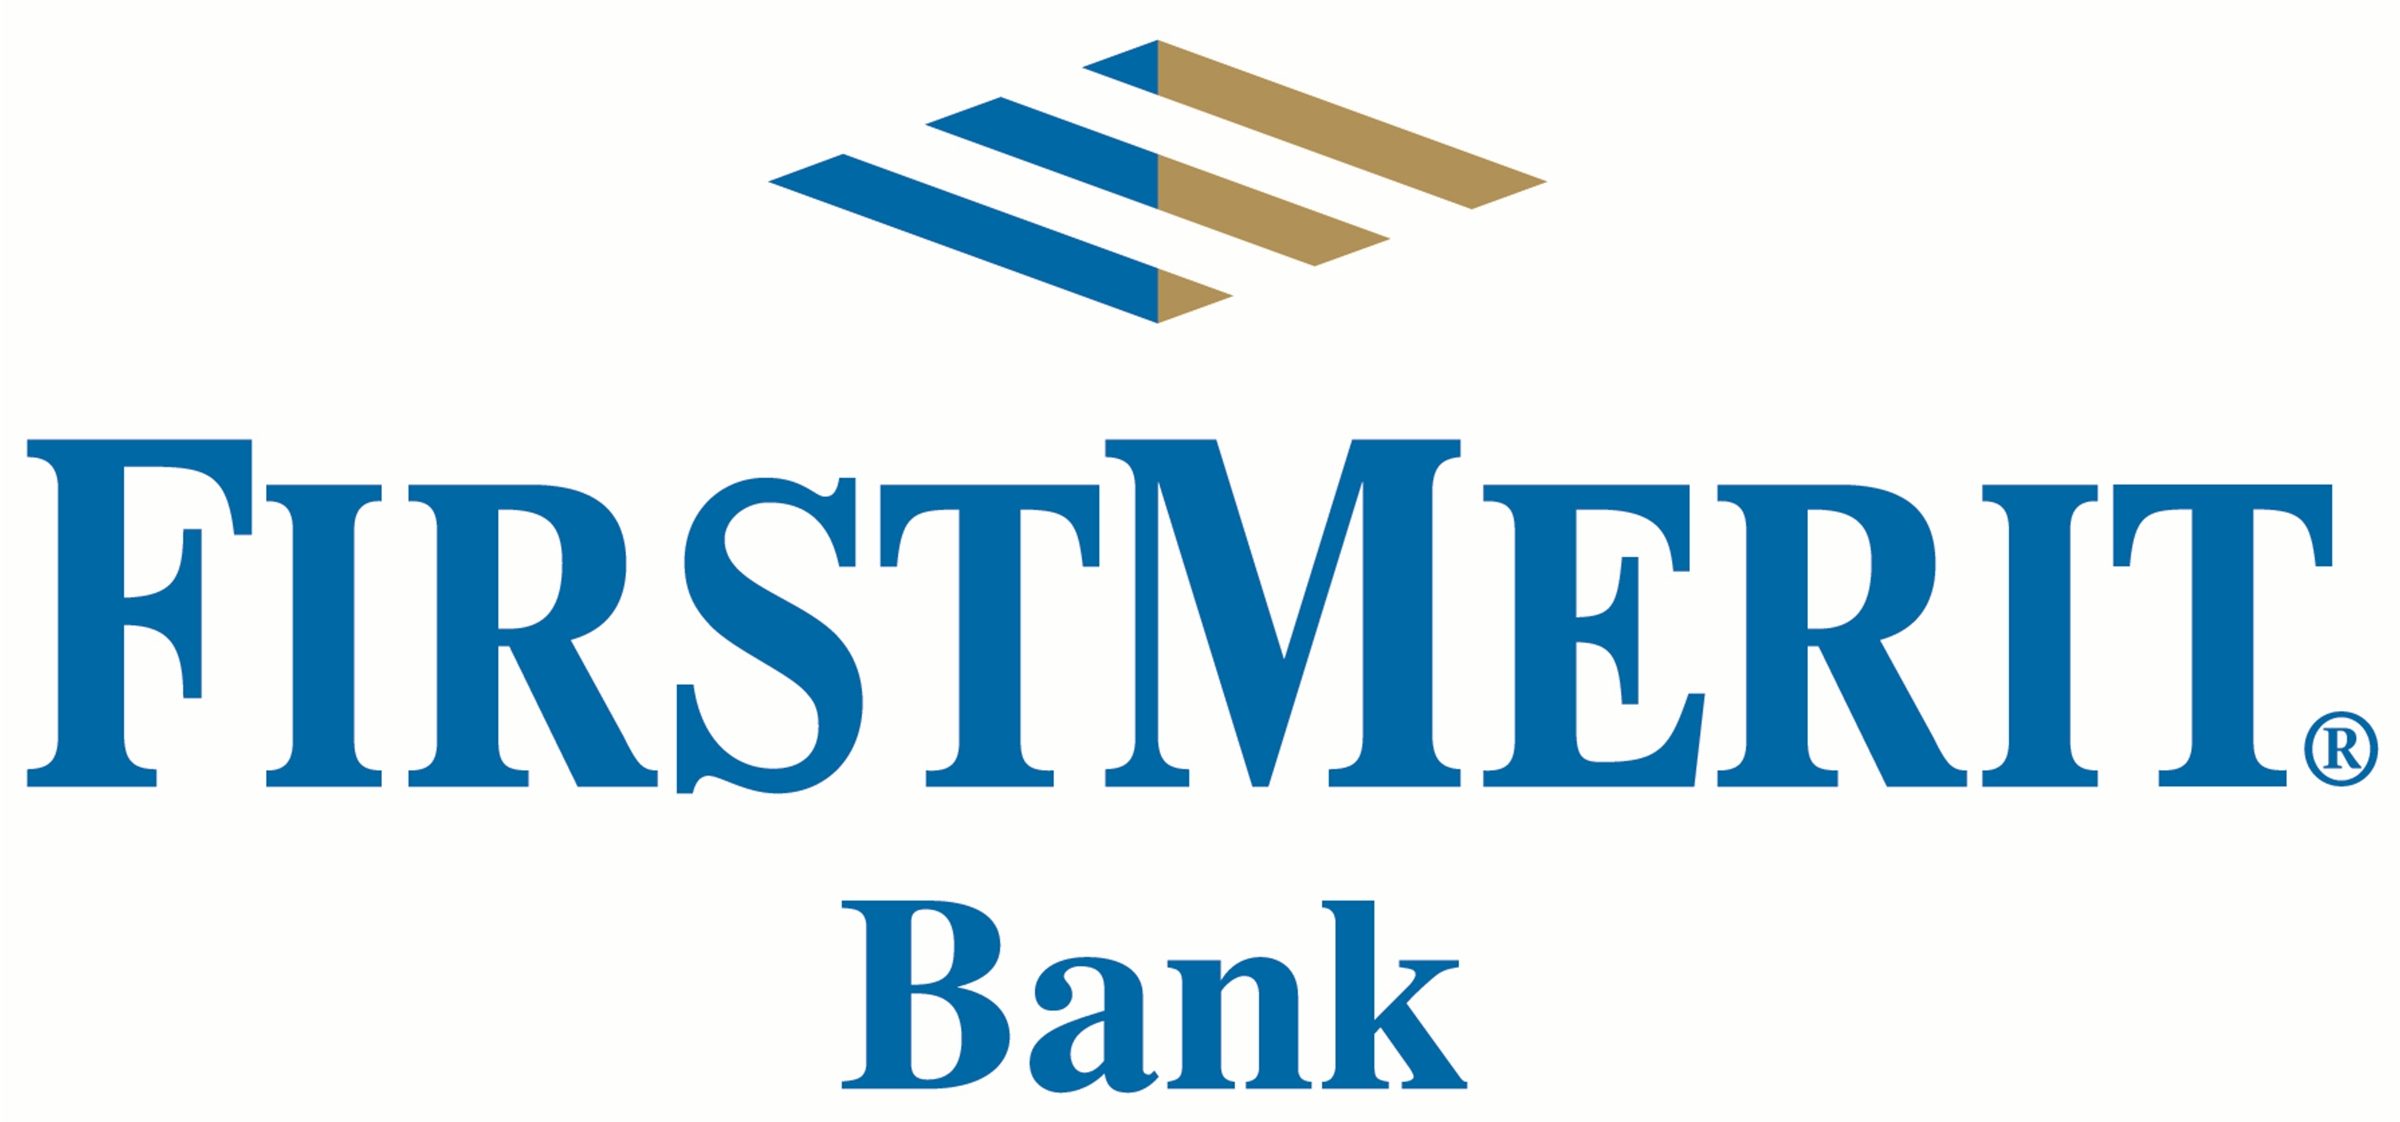 firstmerit bank credit card payment login address customer service. Black Bedroom Furniture Sets. Home Design Ideas